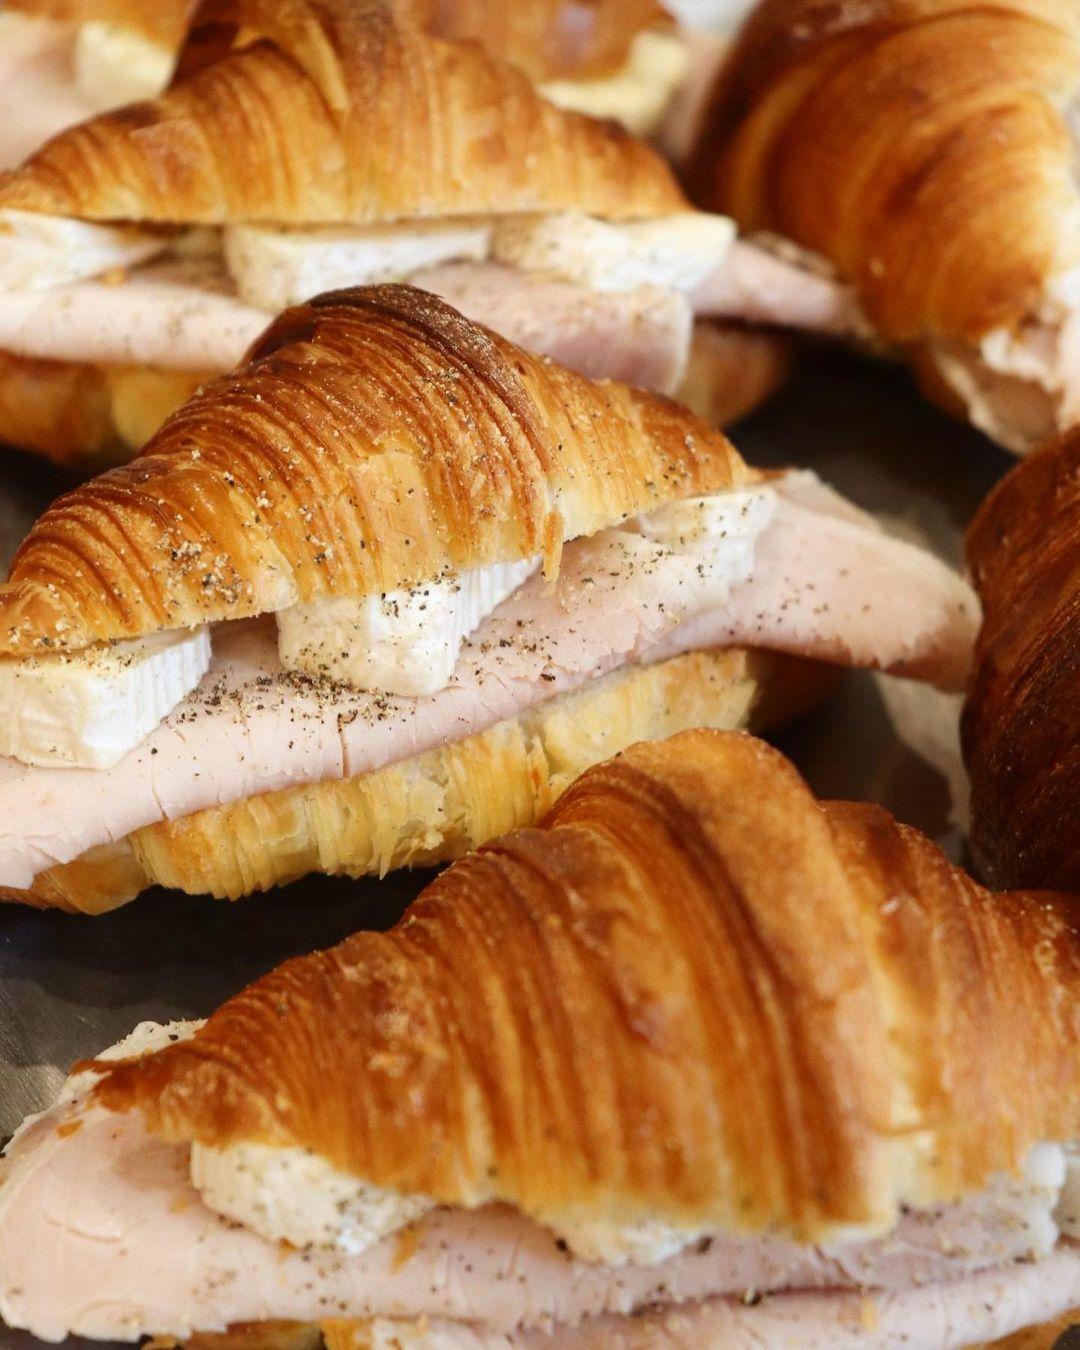 人気のバゲットサンド・サンドウィッチは、10:00~10:30頃に随時ご用意させて頂きます(2021.10.10)